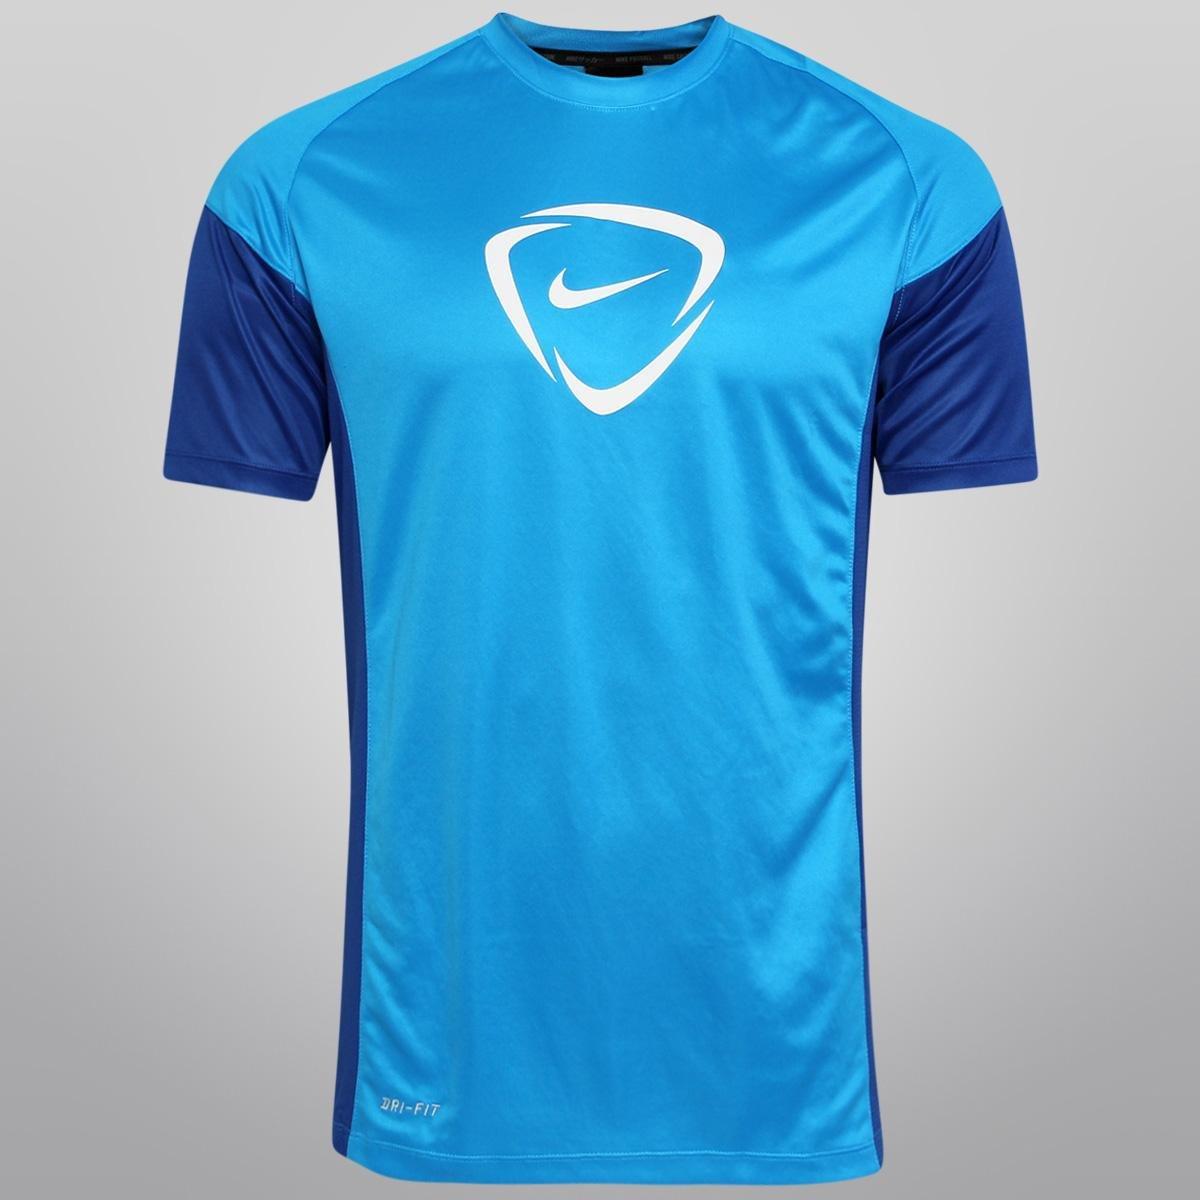 0554143891 Camisa Nike Academy Training Top - Compre Agora